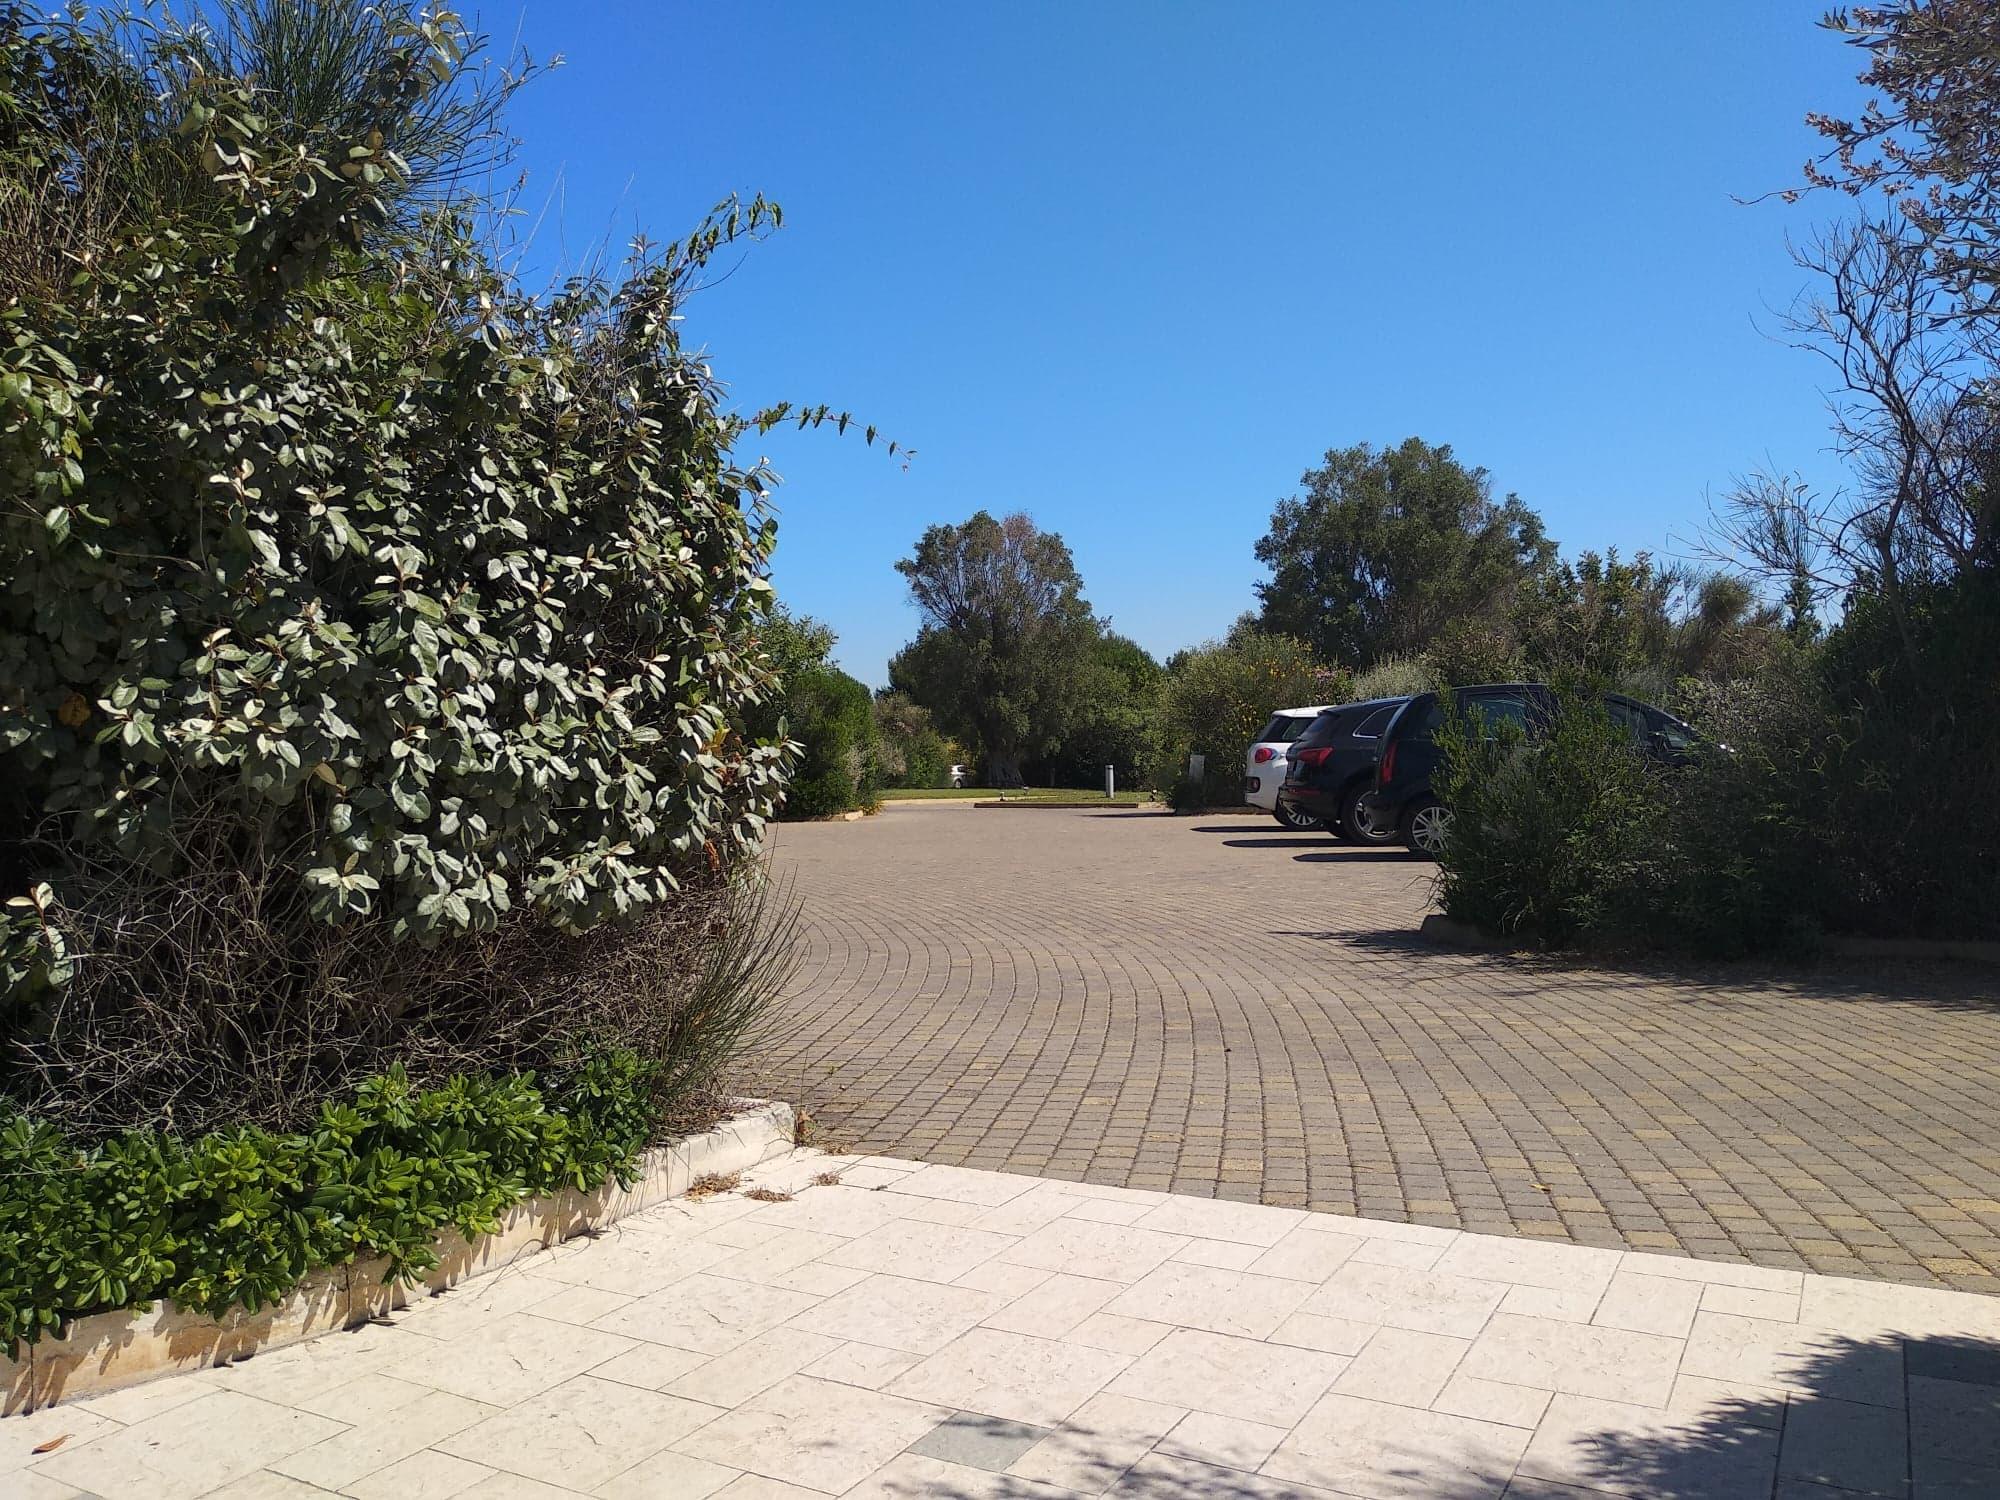 L'Acaya Golf Resort, Parcheggio e ingresso lastricato facilmente percorribile